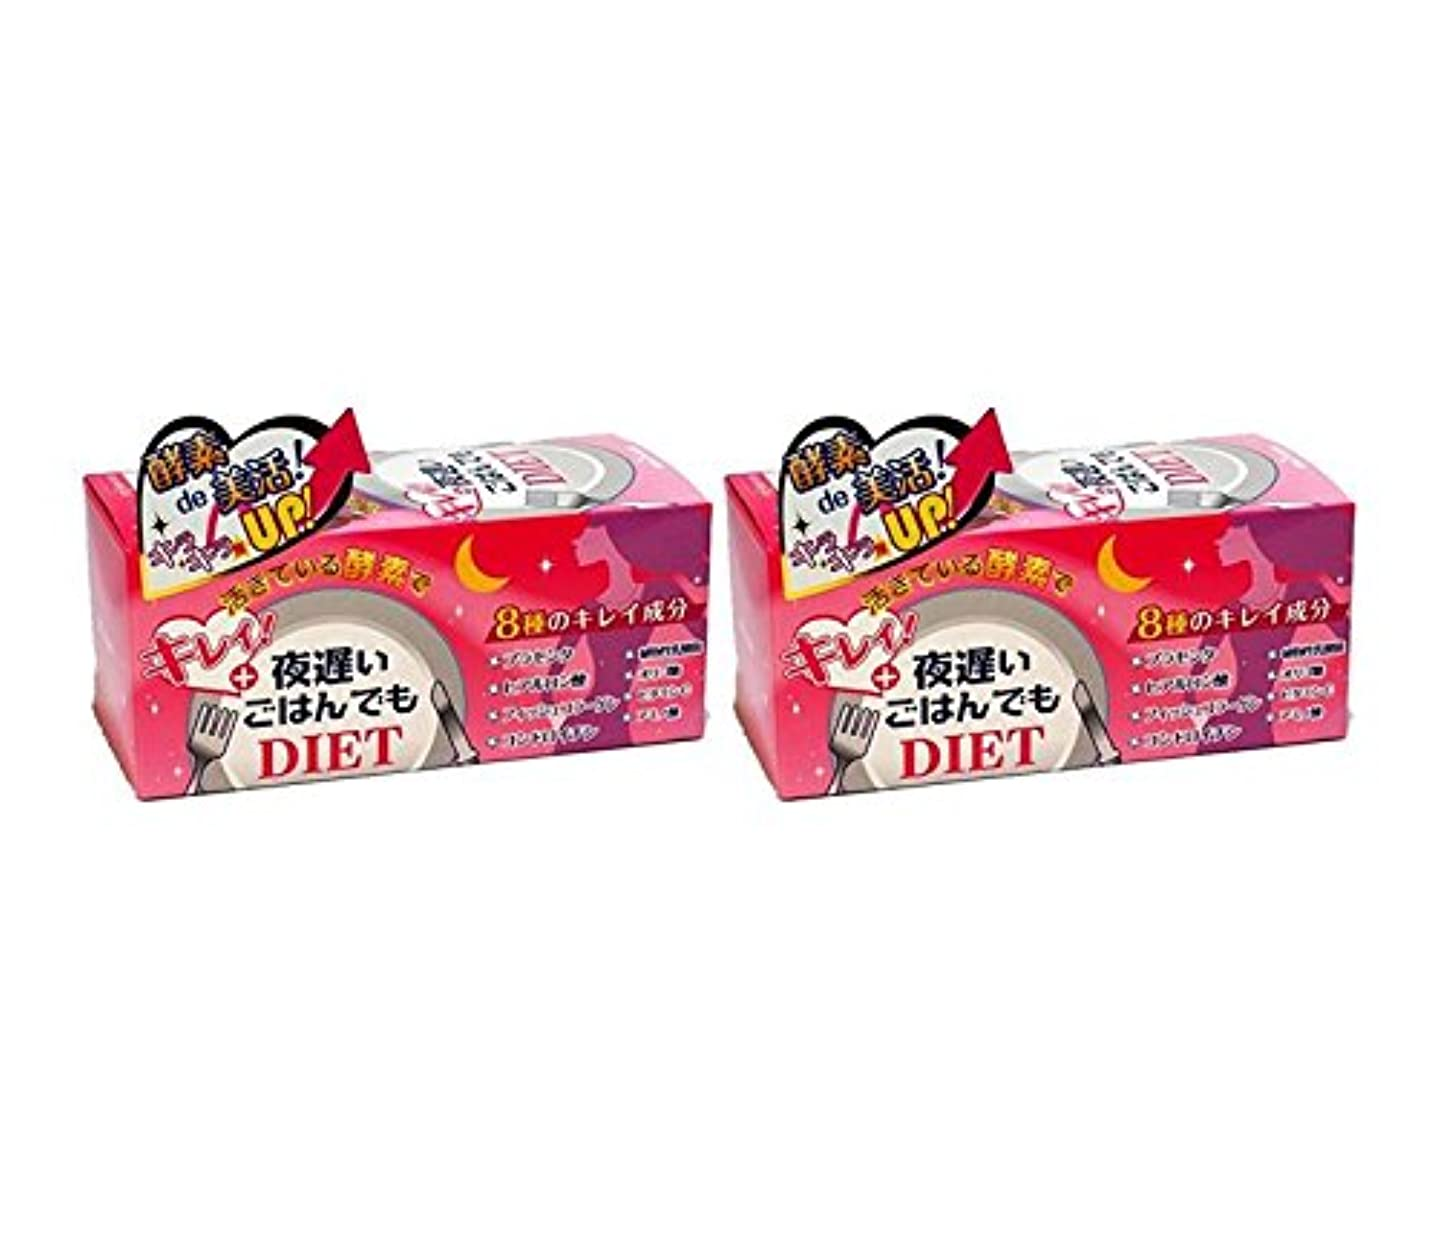 力政令全部夜遅いごはんでも DIET(ダイエット) +キレイ 約30日分 【2箱セット】